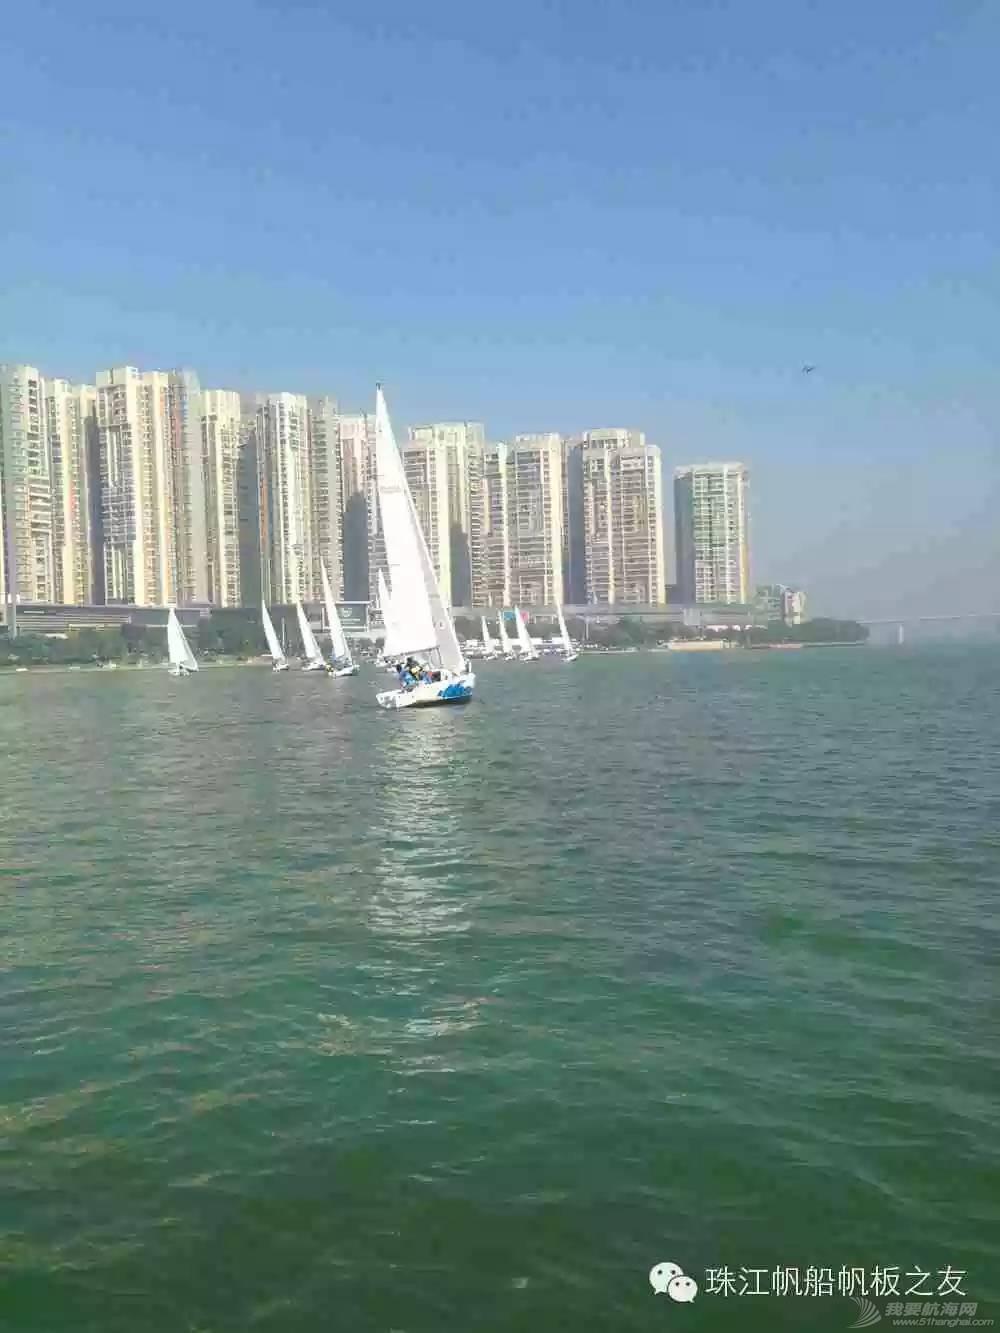 广州帆协在柳州第五届帆船赛 937b6df26fb8d47230b139d2cf2df2c0.jpg